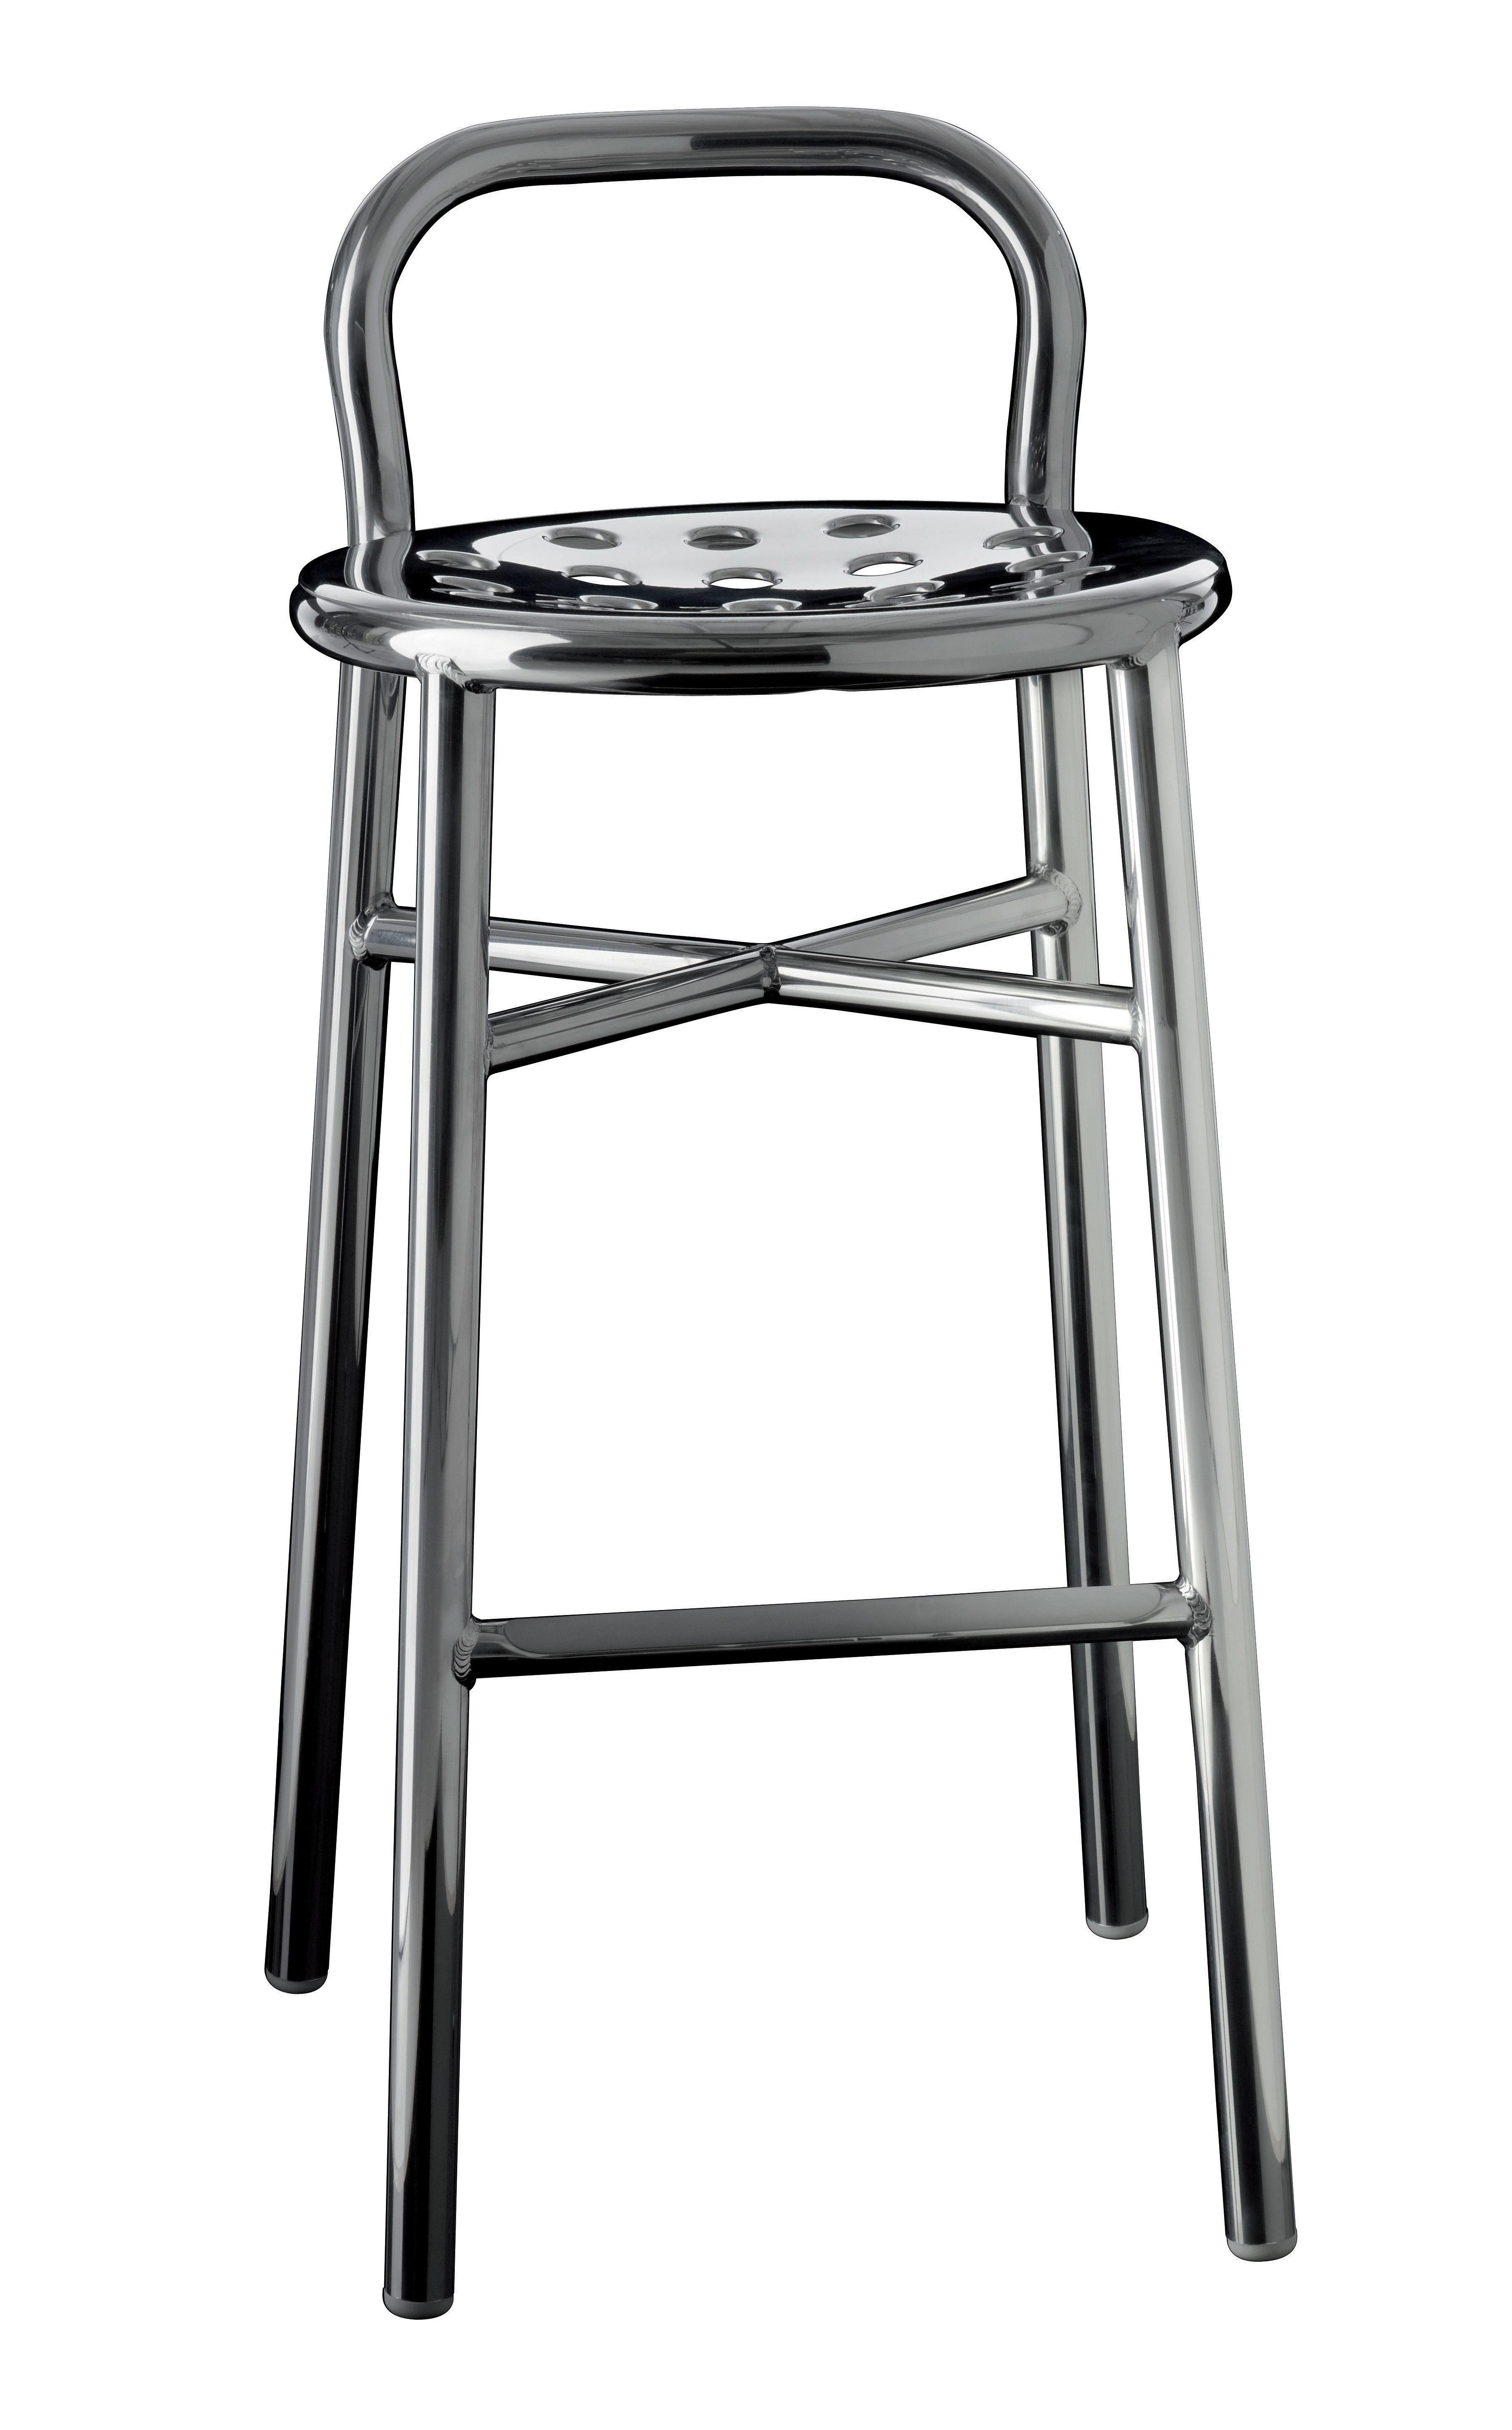 ... Mobilier - Tabourets de bar - Tabouret de bar Pipe   H 77 cm - Métal 02338aa59158